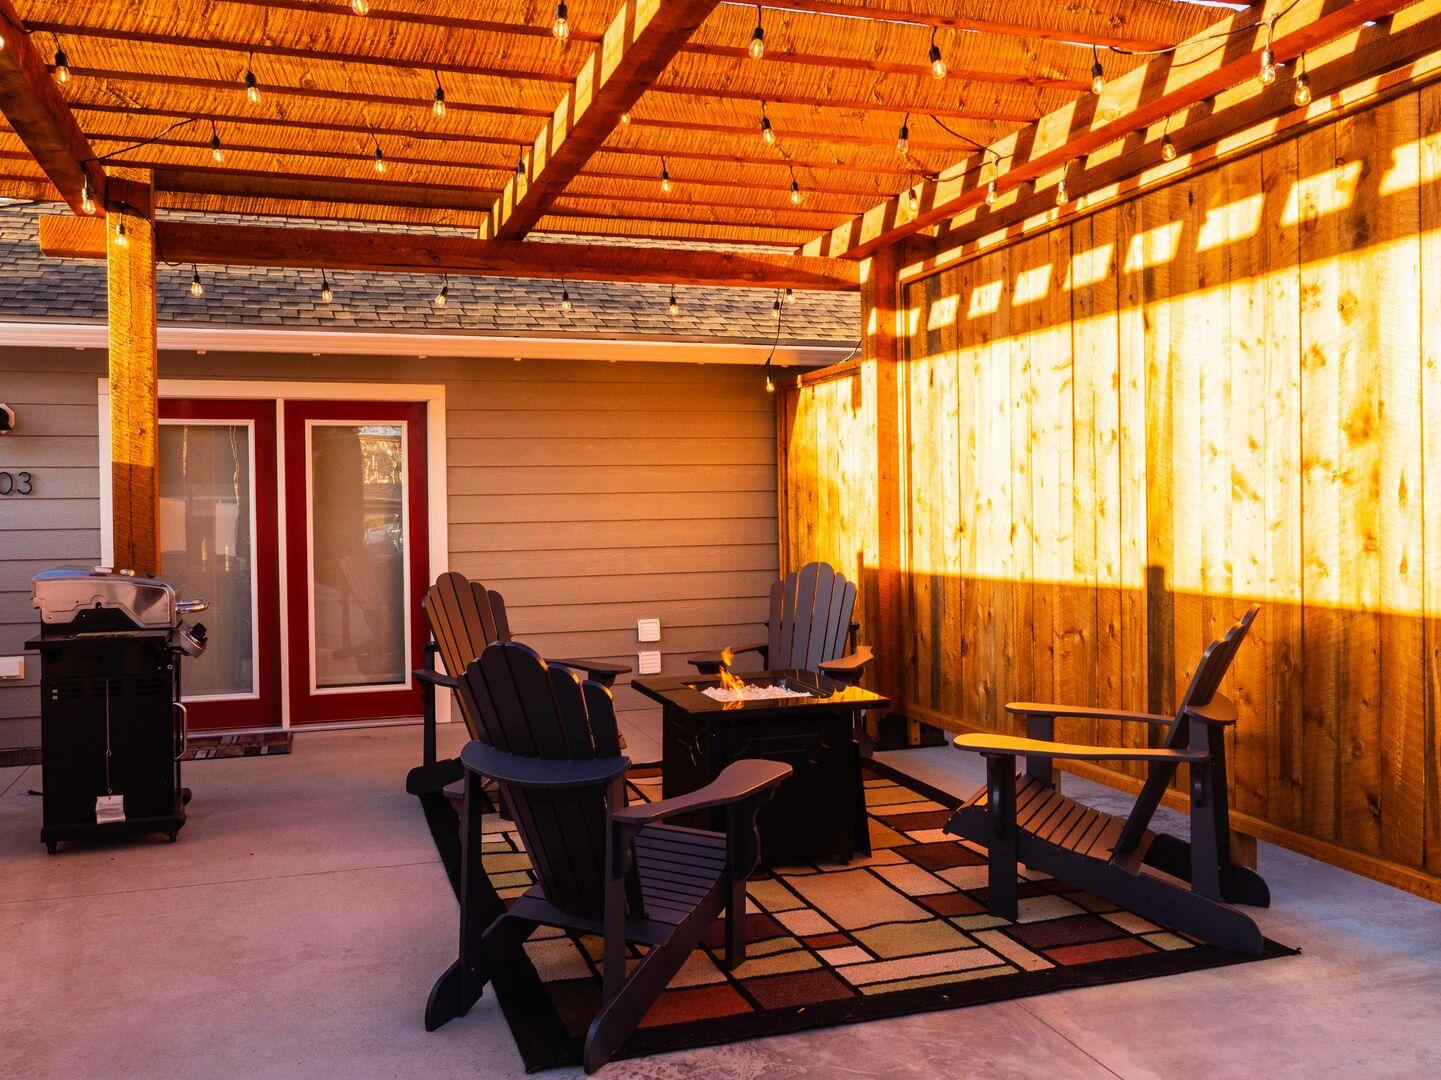 Semi-private patio area